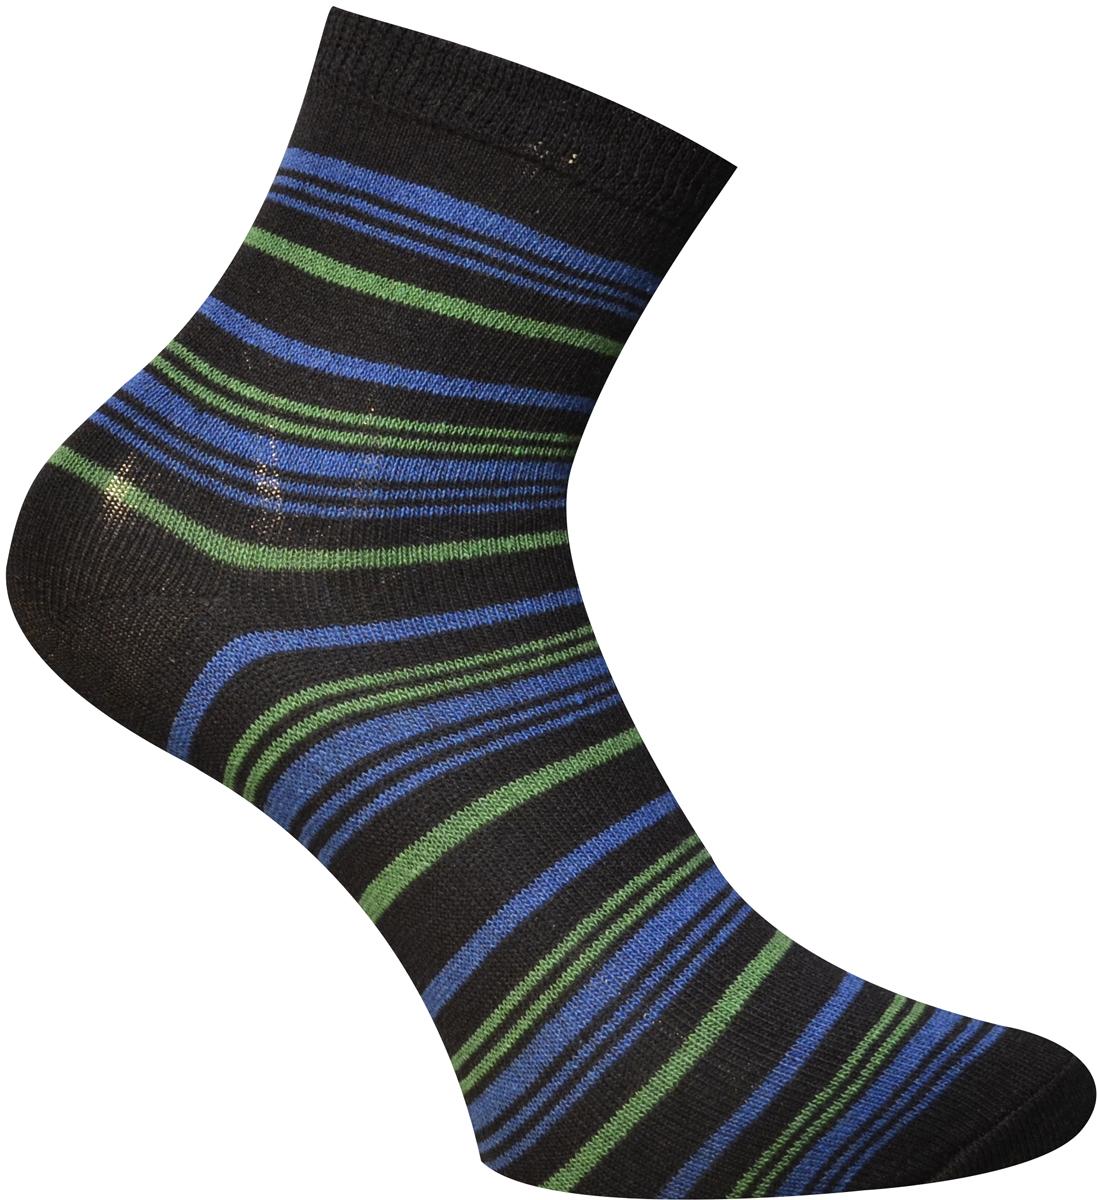 Носки детские Master Socks, цвет: темно-синий. 52064. Размер 2252064Удобные носки Master Socks, изготовленные из высококачественного комбинированного материала с хлопковой основой, очень мягкие и приятные на ощупь, позволяют коже дышать.Эластичная резинка плотно облегает ногу, не сдавливая ее, обеспечивая комфорт и удобство. Носки с паголенком классической длины оформлены принтом в полоску. Практичные и комфортные носки великолепно подойдут к любой вашей обуви.